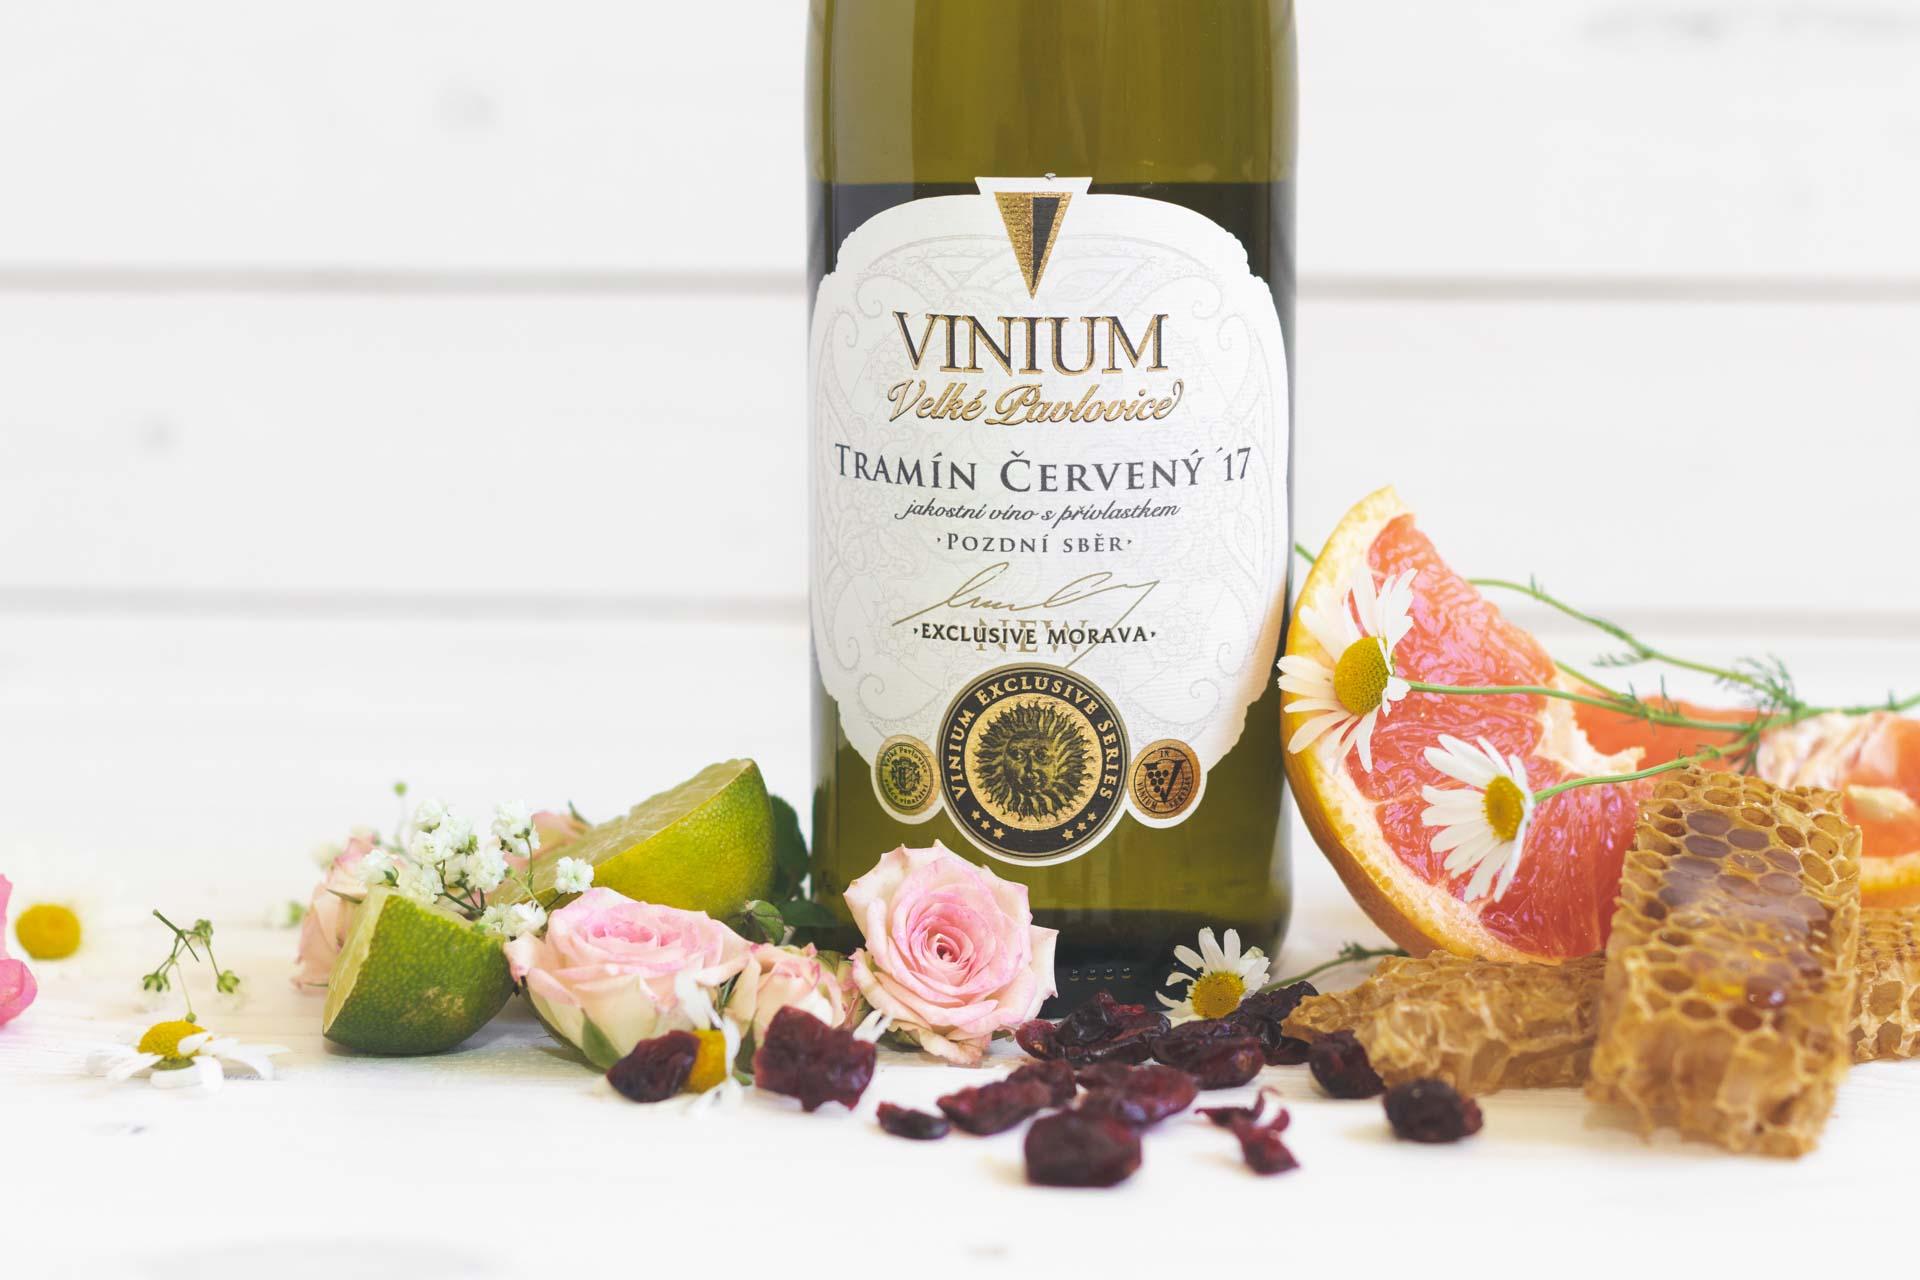 Tramín červený, bílé víno, přívlastkové víno, VINIUM